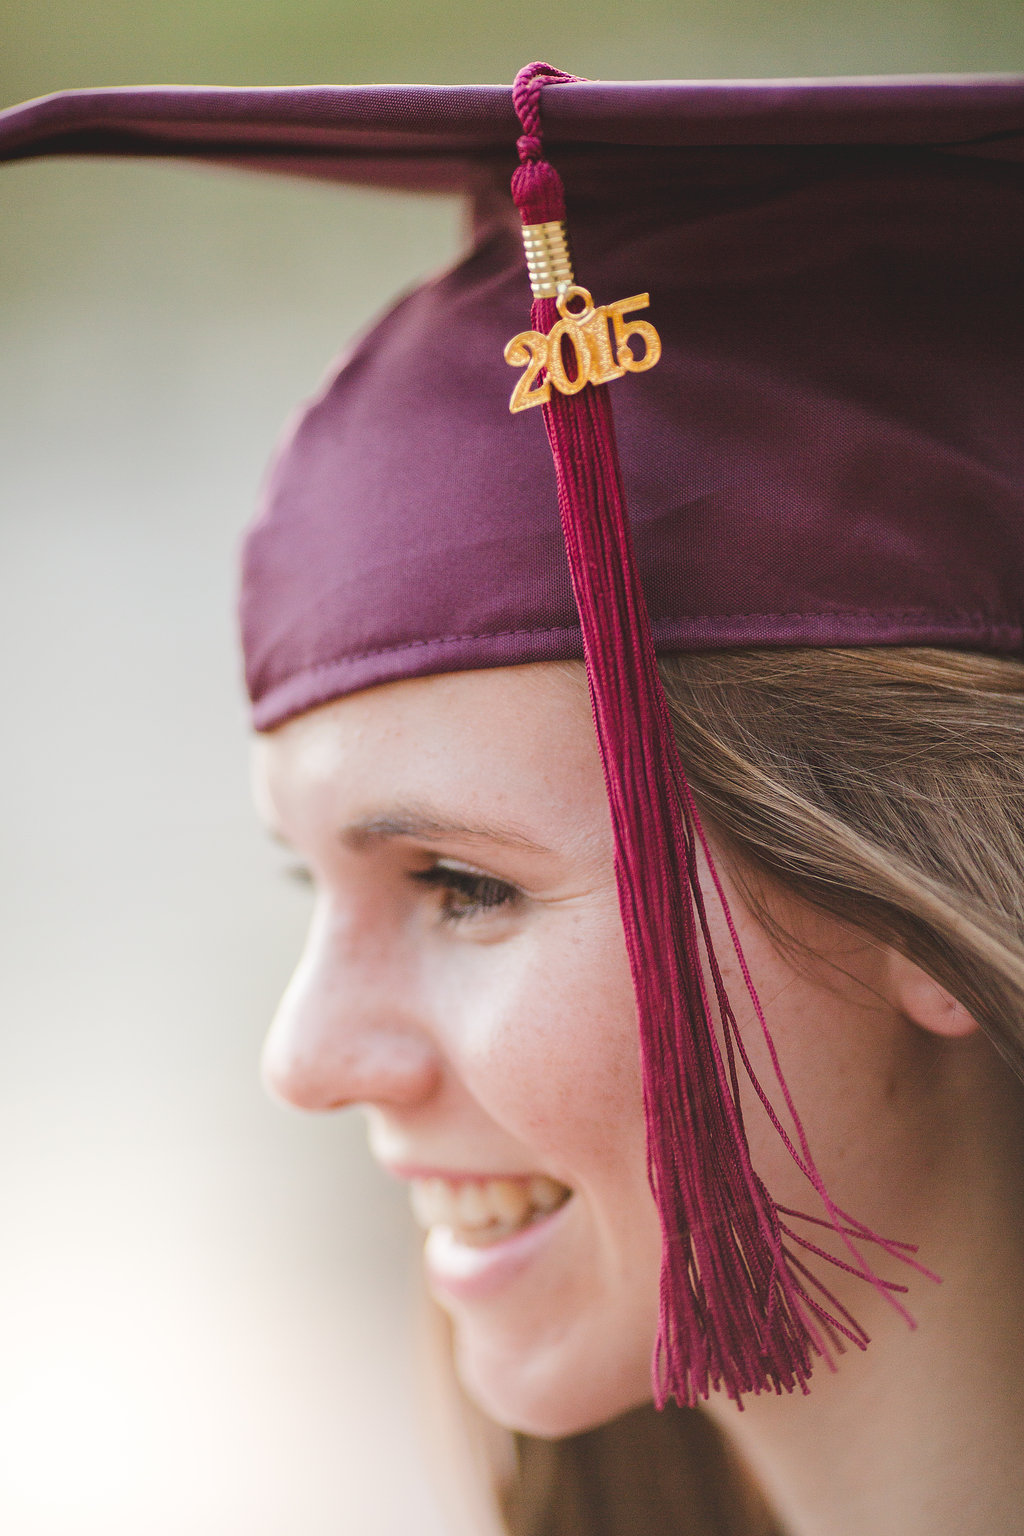 peoria-senior-photographer-amber-2015-cap